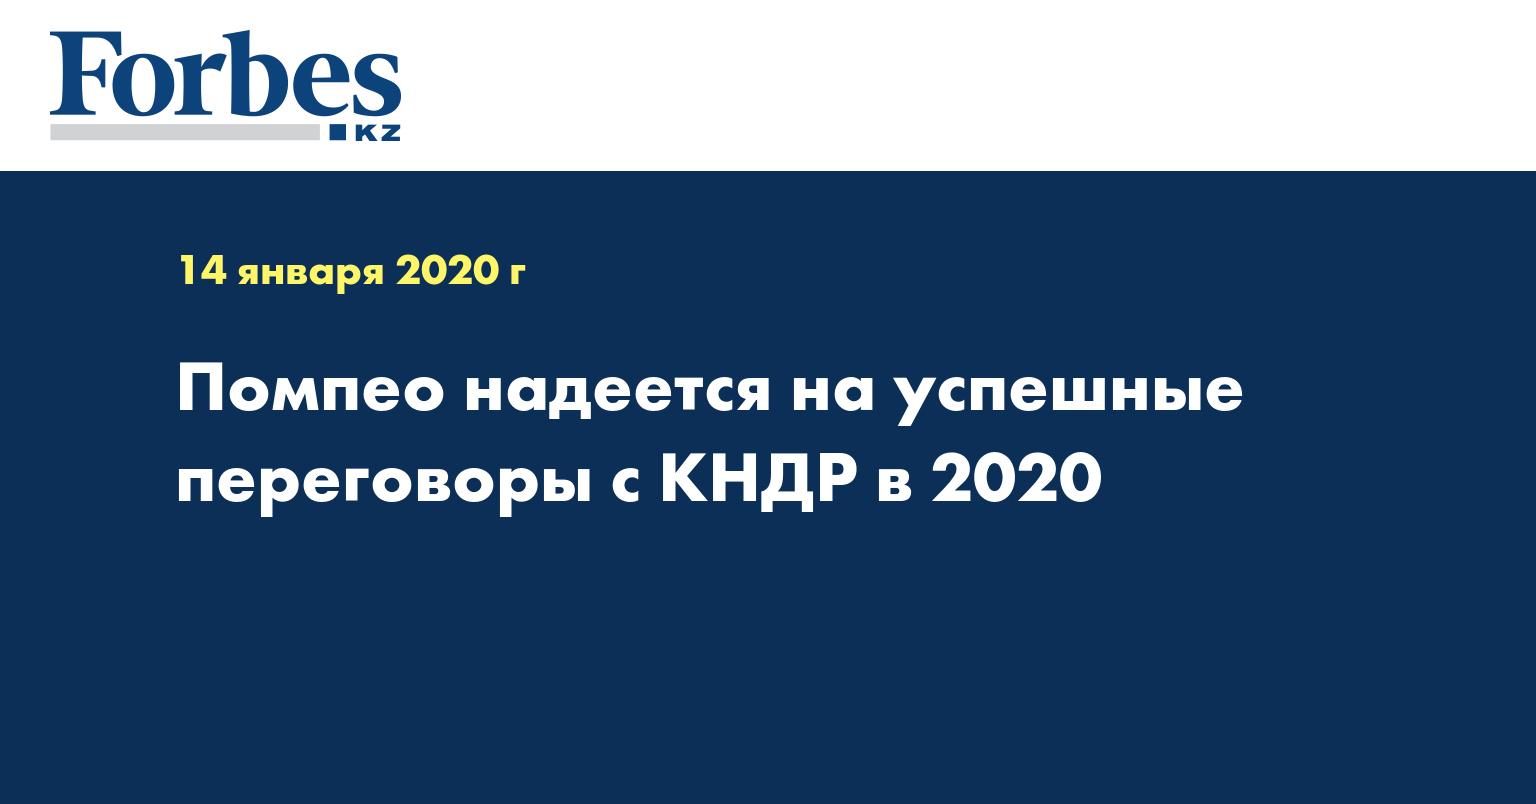 Помпео надеется на успешные переговоры с КНДР в 2020